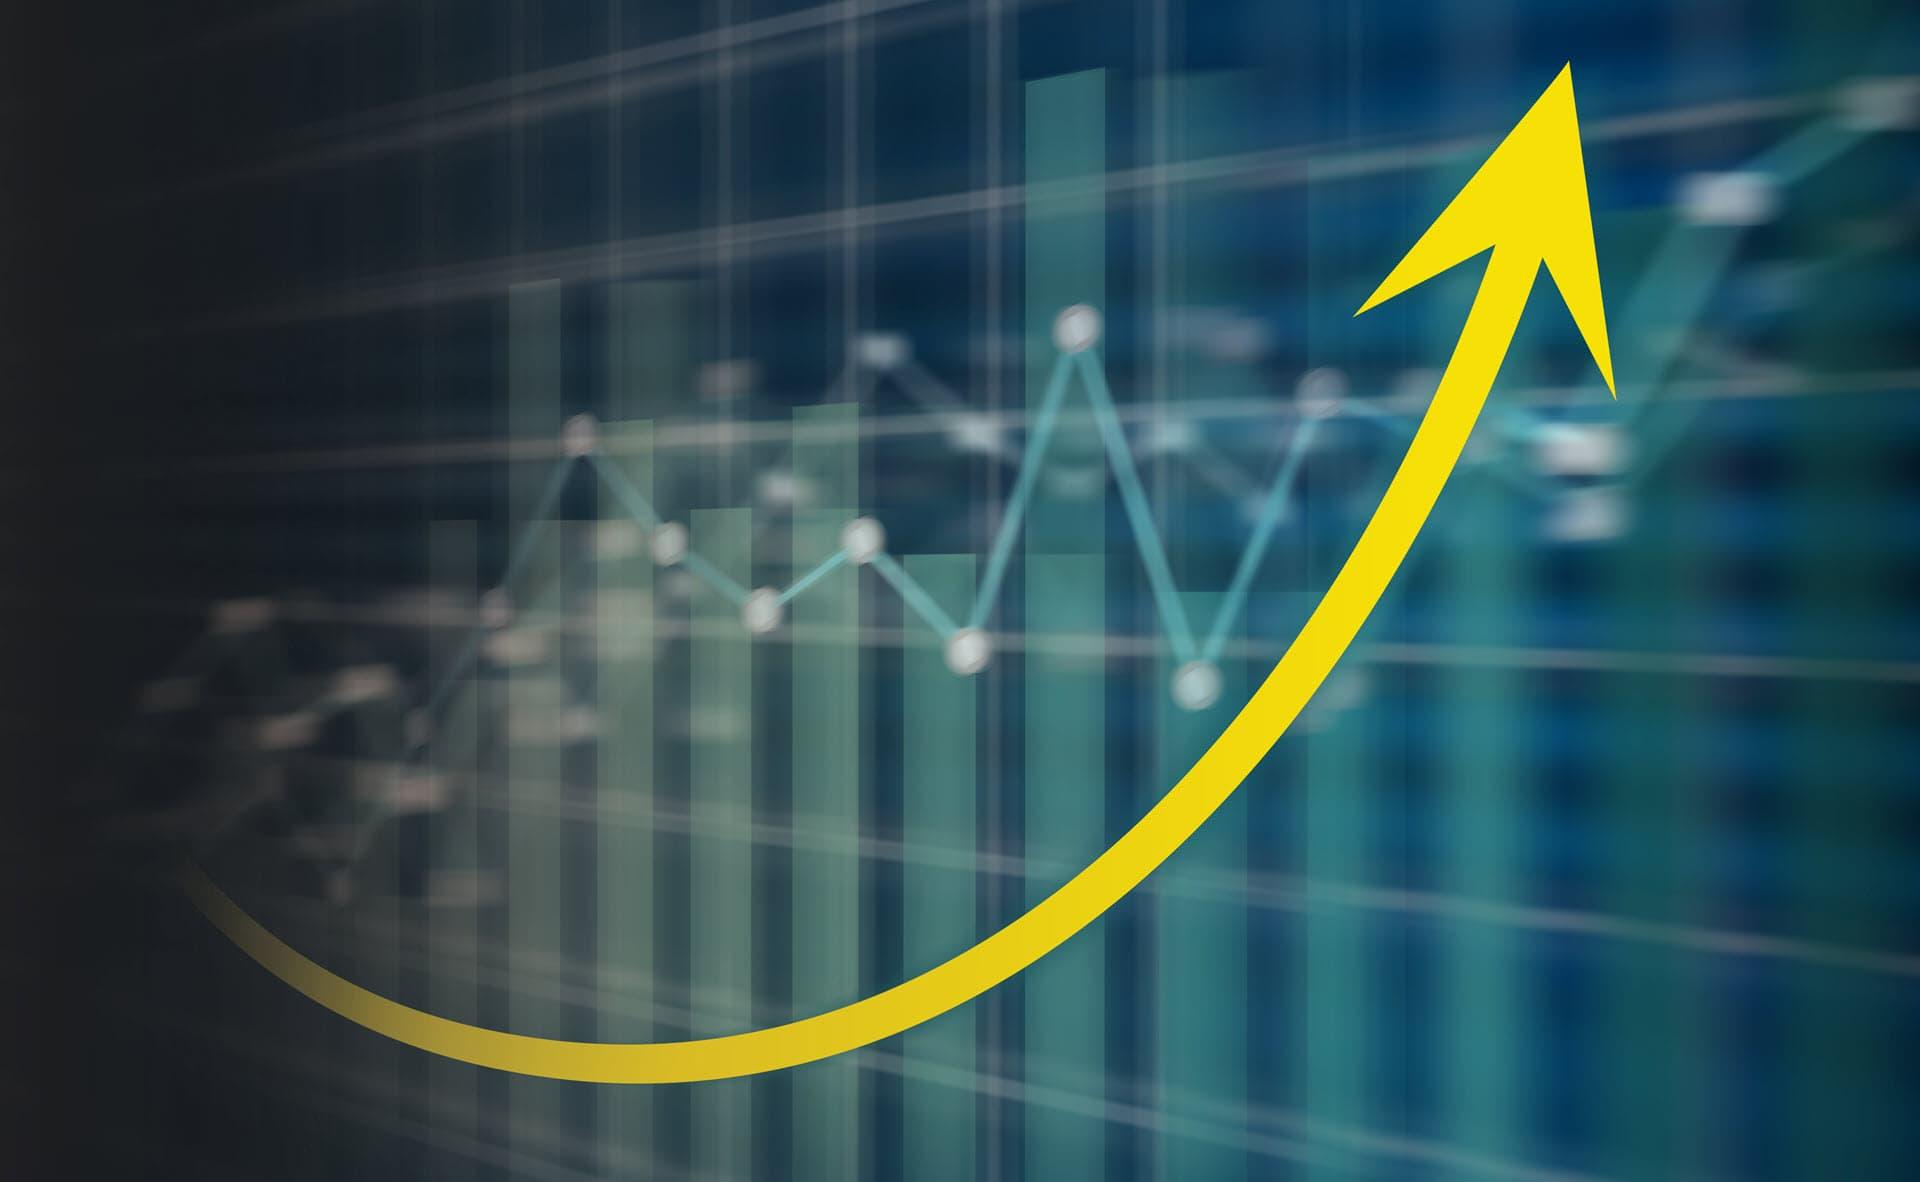 דרכים לסחור בשוק ההון